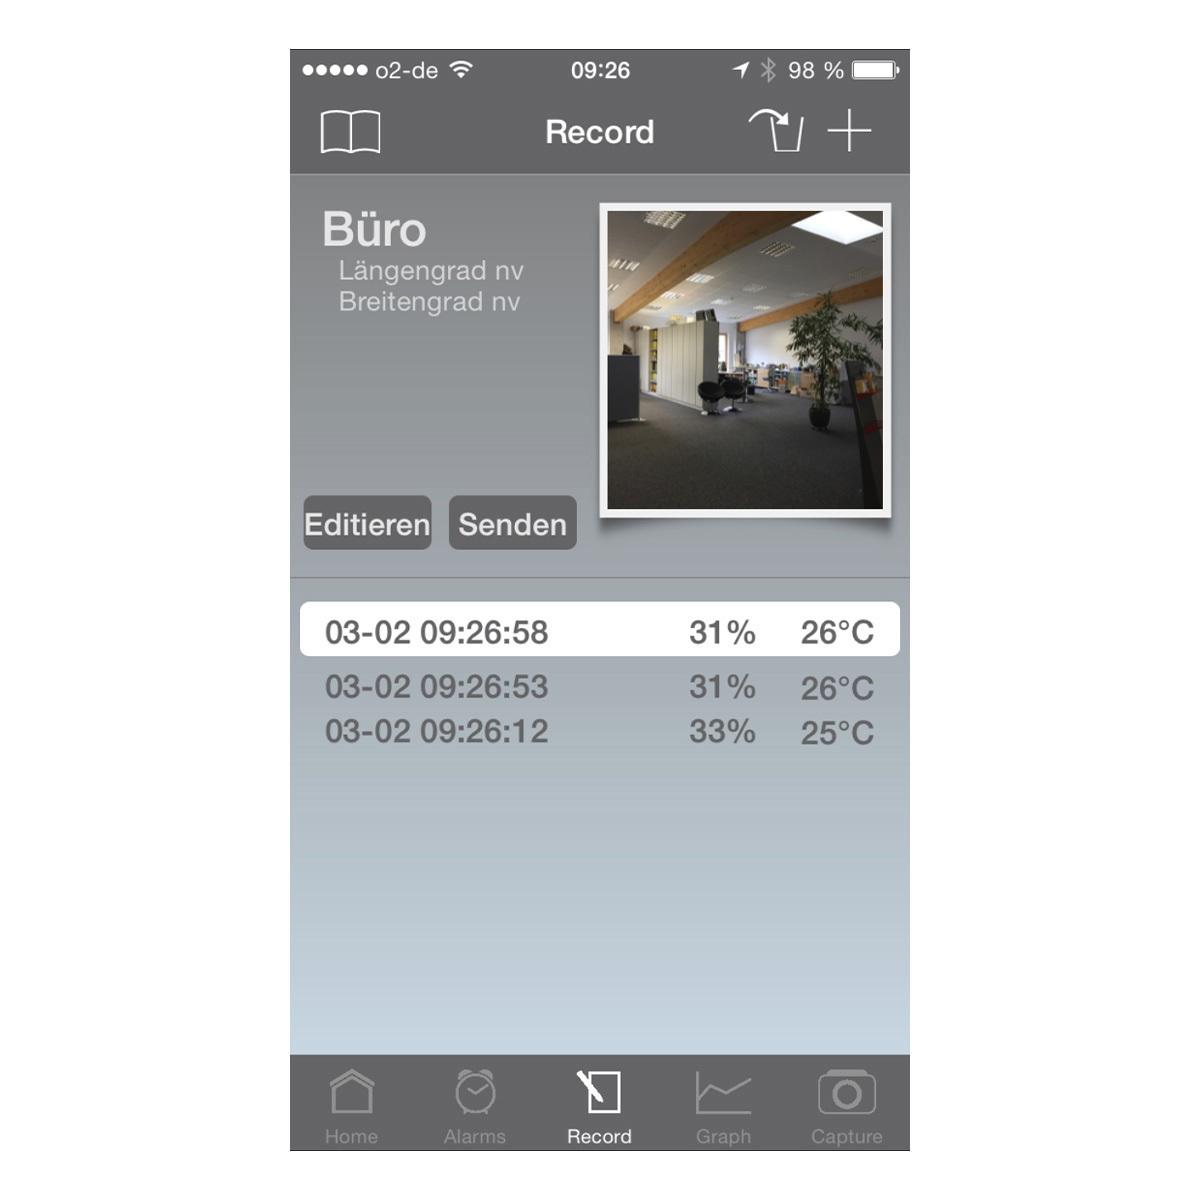 30-5035-01-thermo-hygrometer-für-smartphones-smarthy-app-anwendung-1200x1200px.jpg